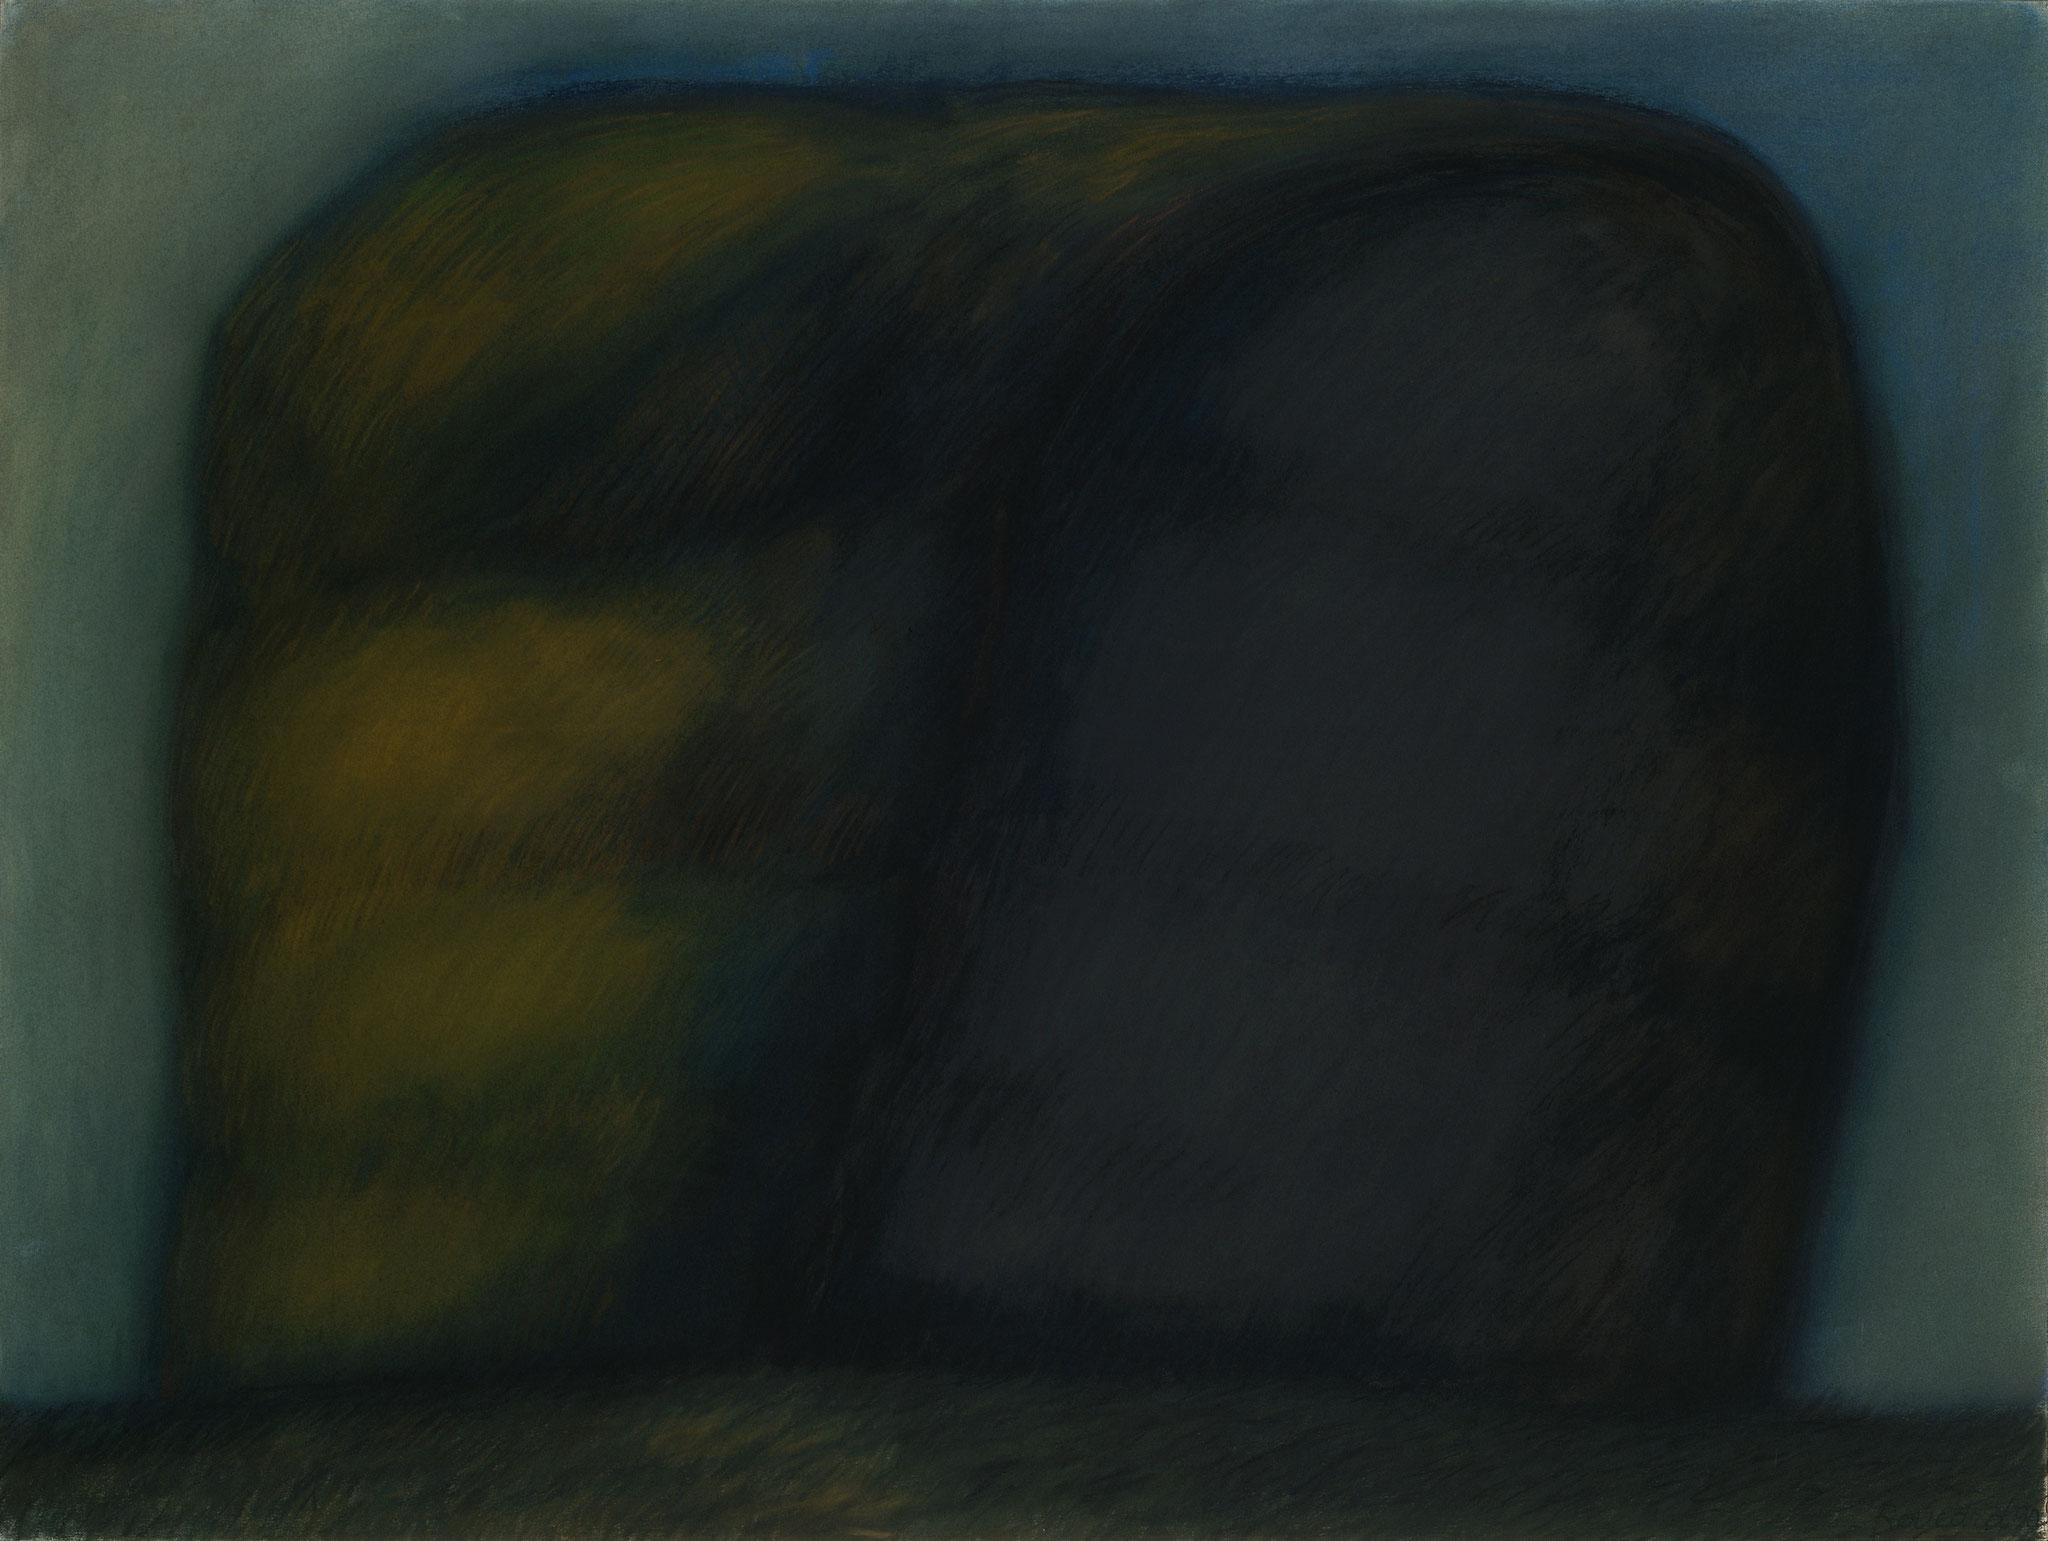 1992. 120 x 160 cm. Pastel sur papier préparé marouflé sur toile.